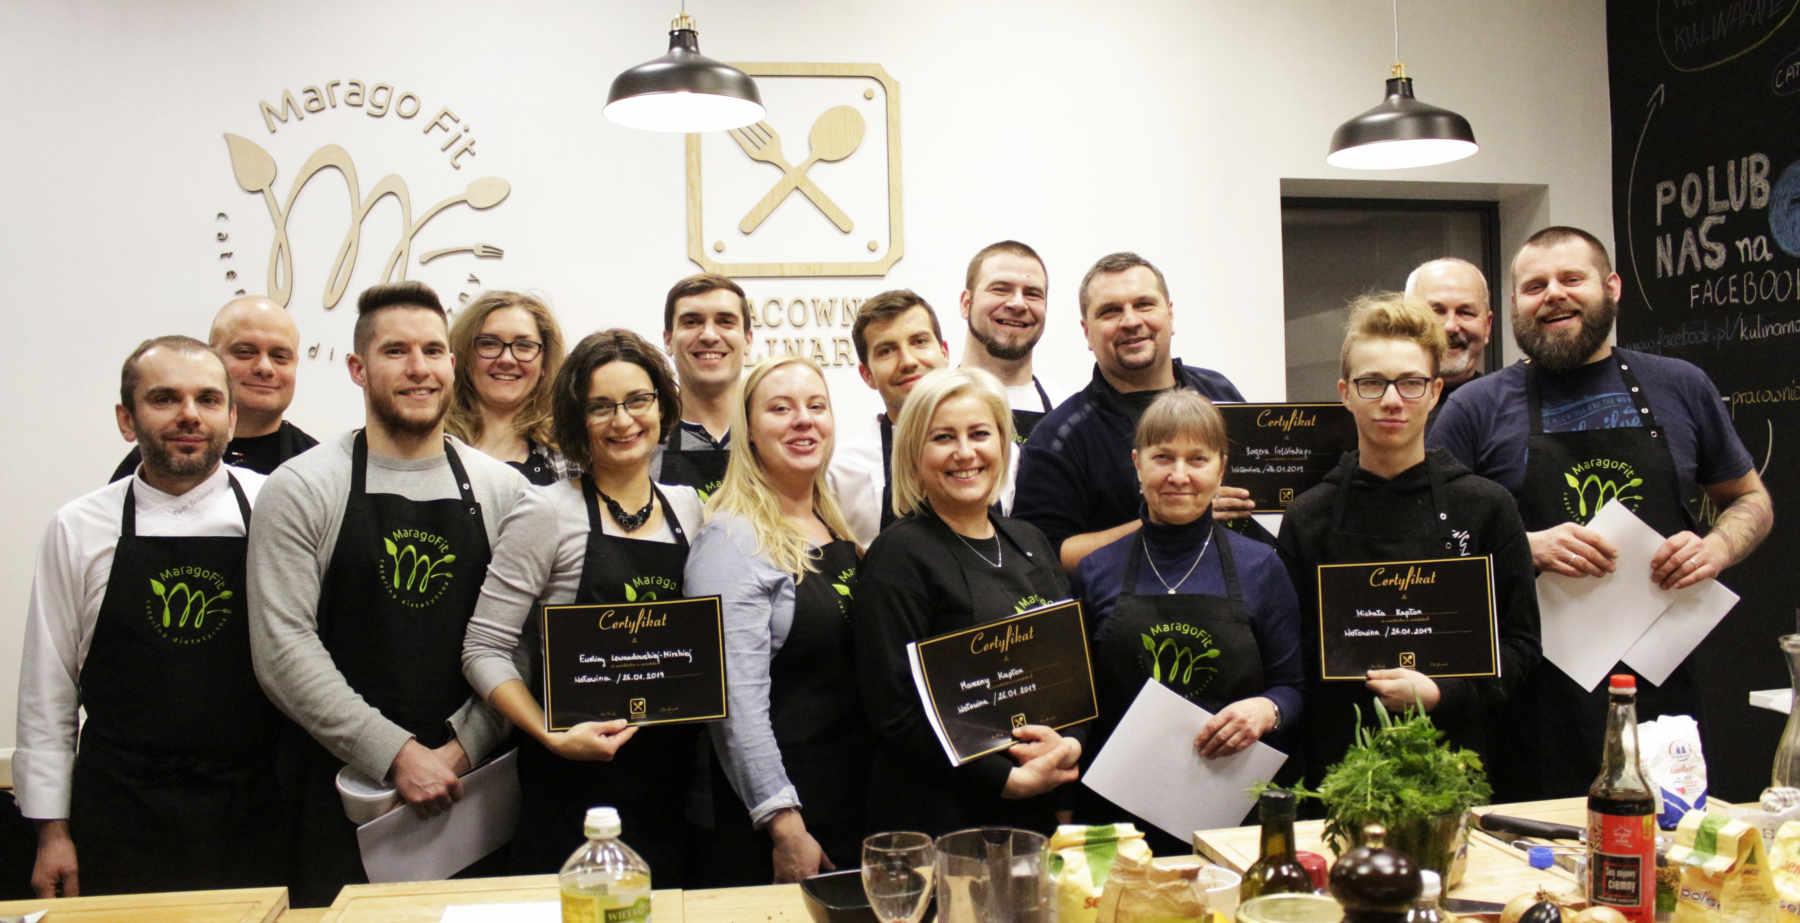 Nasi uczestnicy, jak zawsze uśmiechnięci i zadowoleni z efektów ponad 3 h pracy.